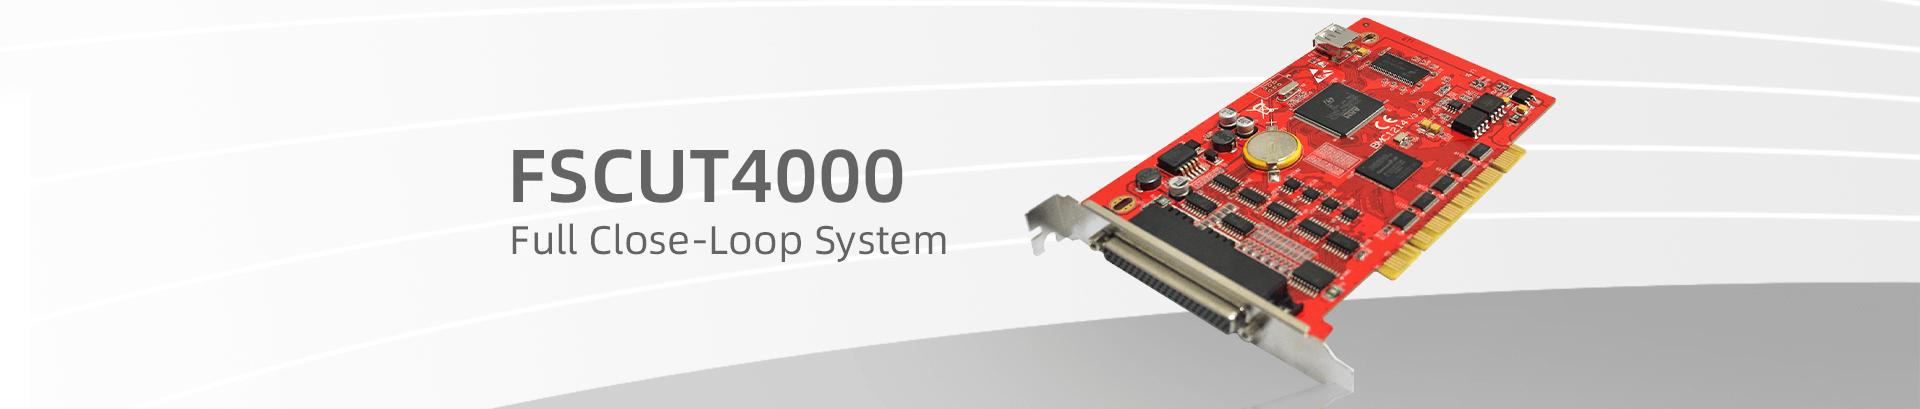 FSCUT4000